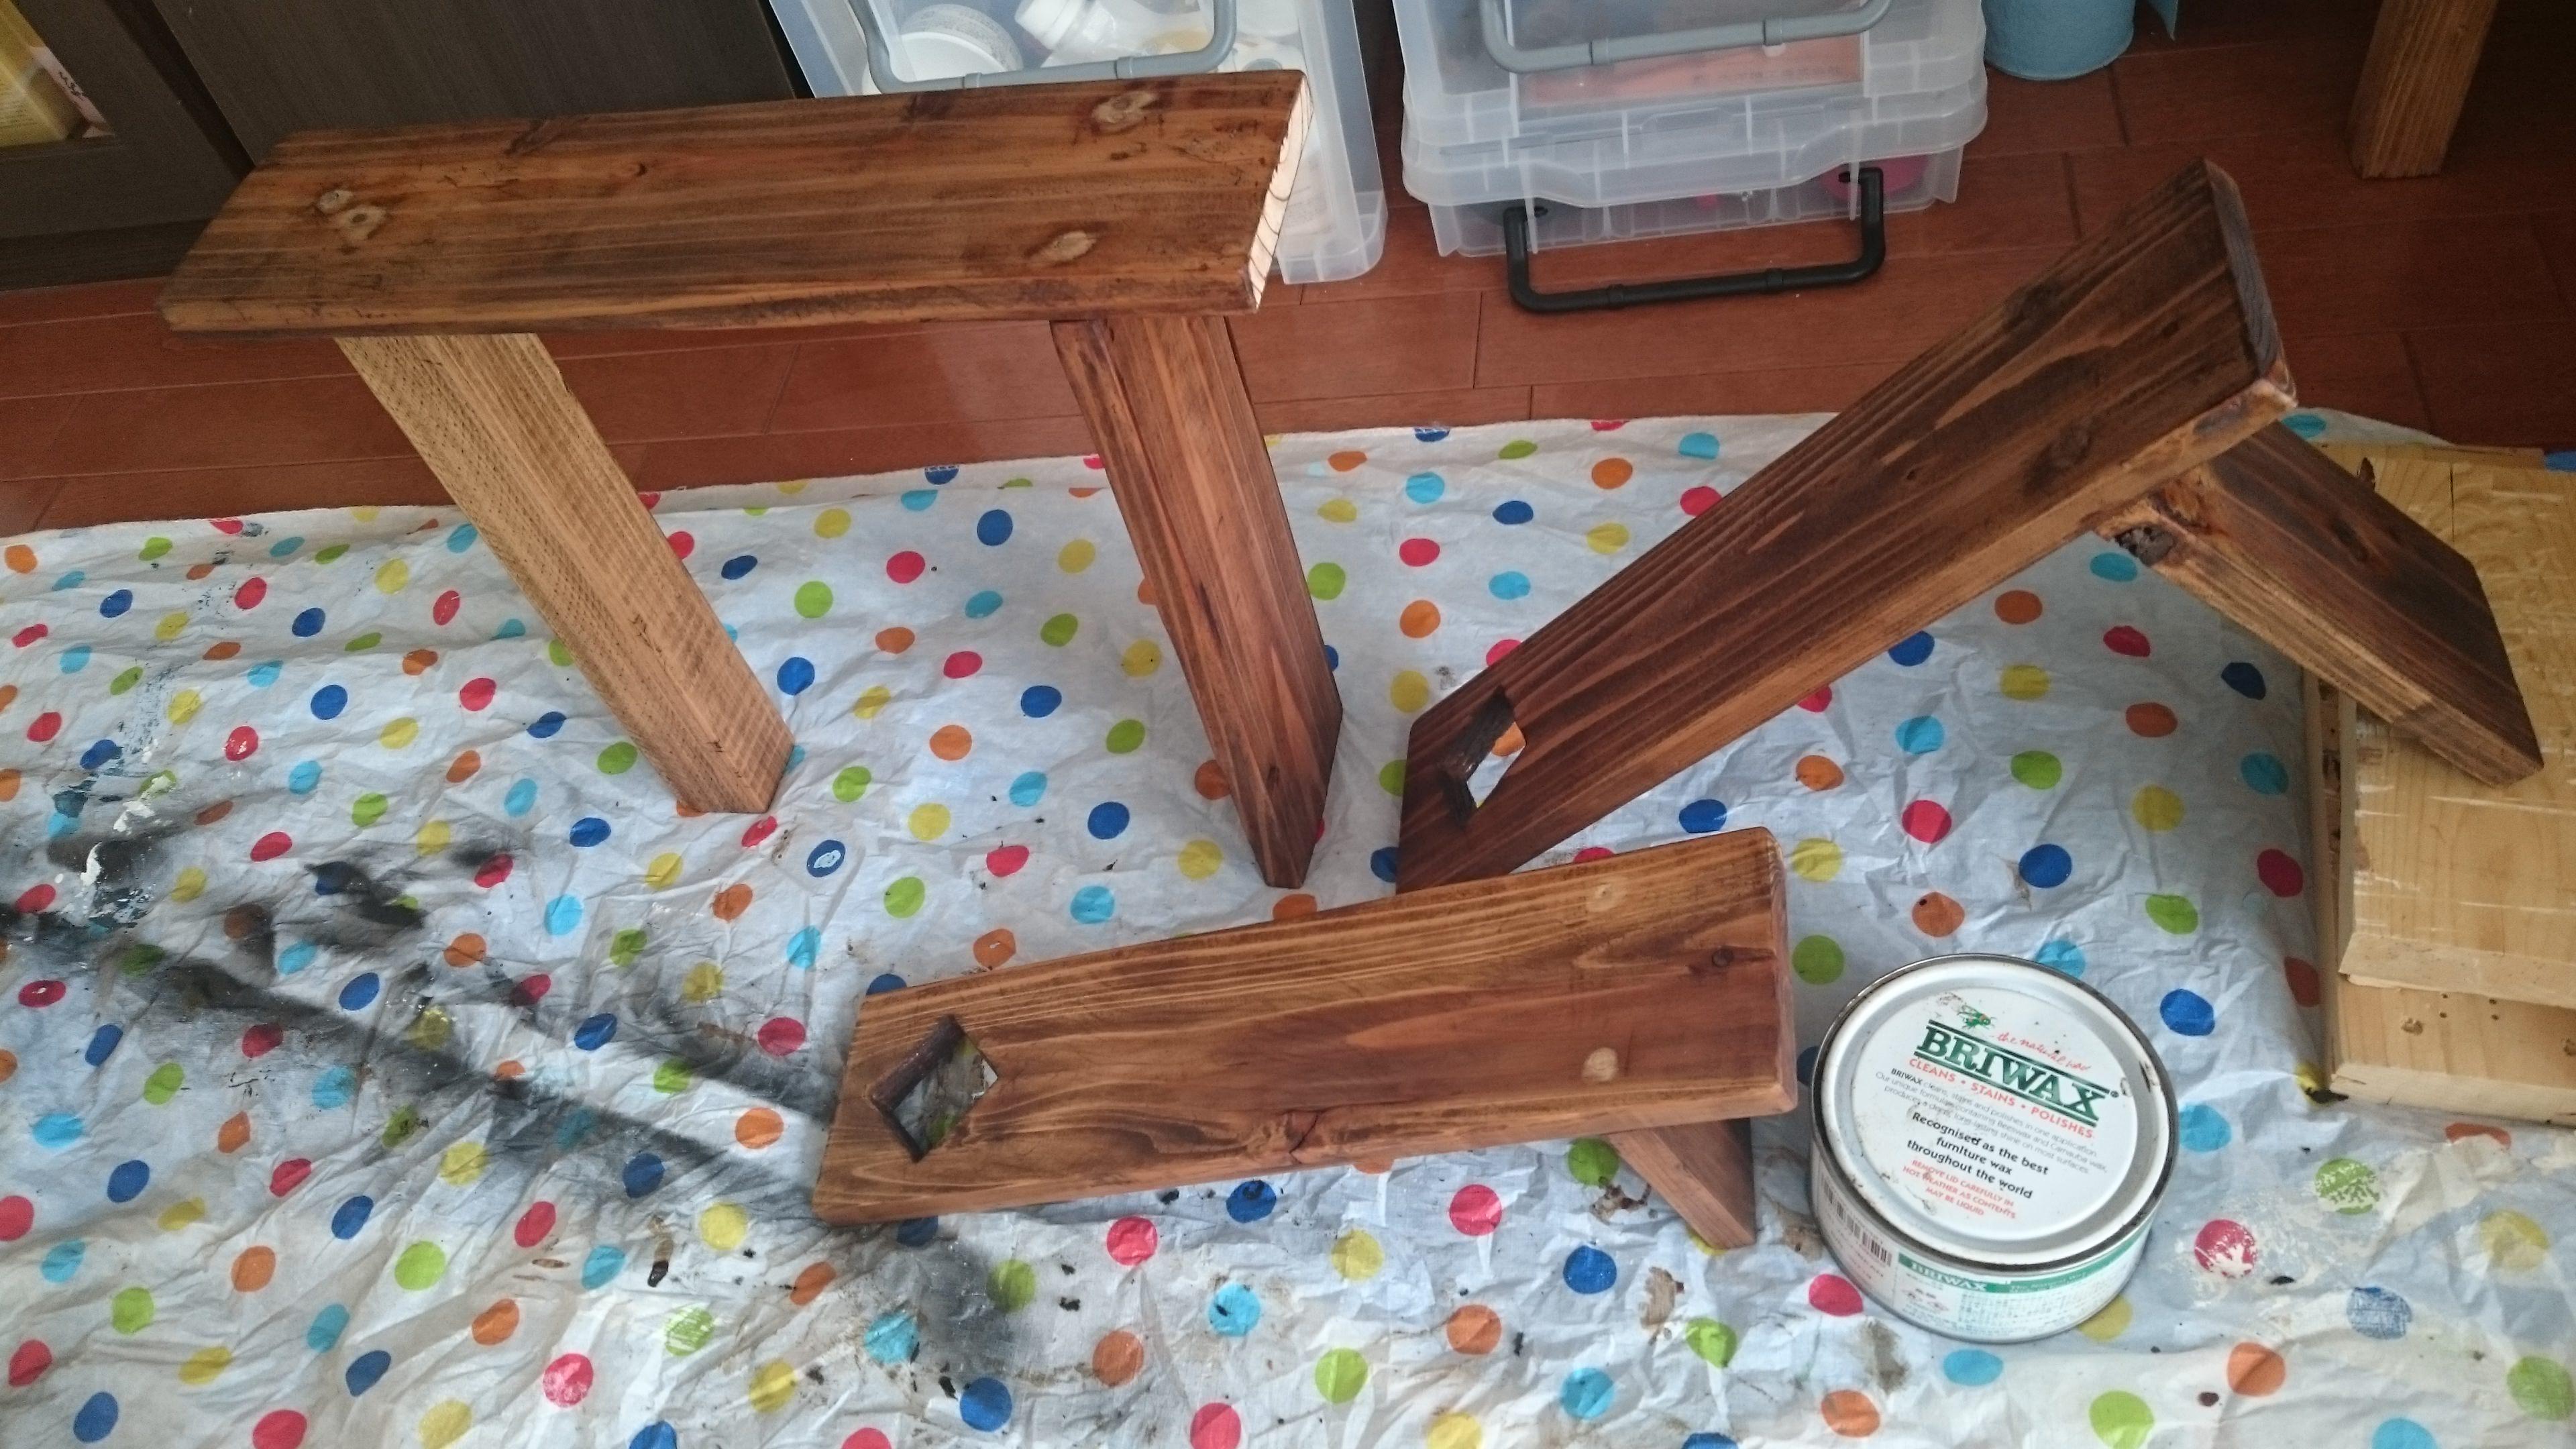 8. ワックスを塗って完成です☆ グラグラしてしまう場合は、棚を釘等で固定するか、裏側の見えないところに当て木なんかをするといいと思います。